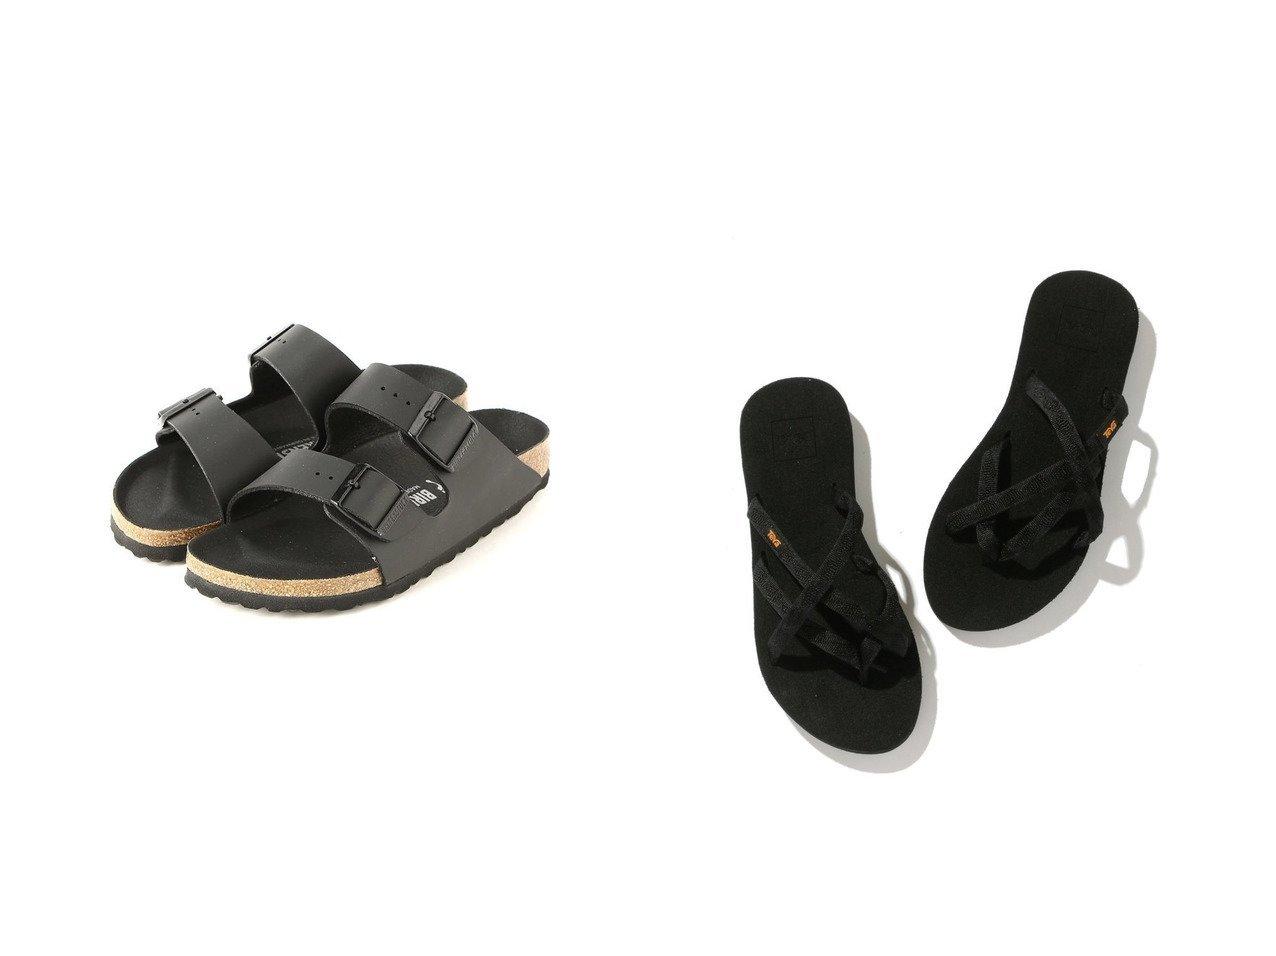 【ROPE'PICNIC PASSAGE/ロペピクニック パサージュ】の【Teva】 テバ OLOWAHU オロワフ&【BIRKENSTOCK/ビルケンシュトック】のARIZONA BF-TRIPLES 【シューズ・靴】おすすめ!人気、トレンド・レディースファッションの通販 おすすめで人気の流行・トレンド、ファッションの通販商品 インテリア・家具・メンズファッション・キッズファッション・レディースファッション・服の通販 founy(ファニー) https://founy.com/ ファッション Fashion レディースファッション WOMEN NEW・新作・新着・新入荷 New Arrivals サンダル シューズ ミュール おすすめ Recommend シンプル スポーツ ビーチ フィット 軽量 |ID:crp329100000047553